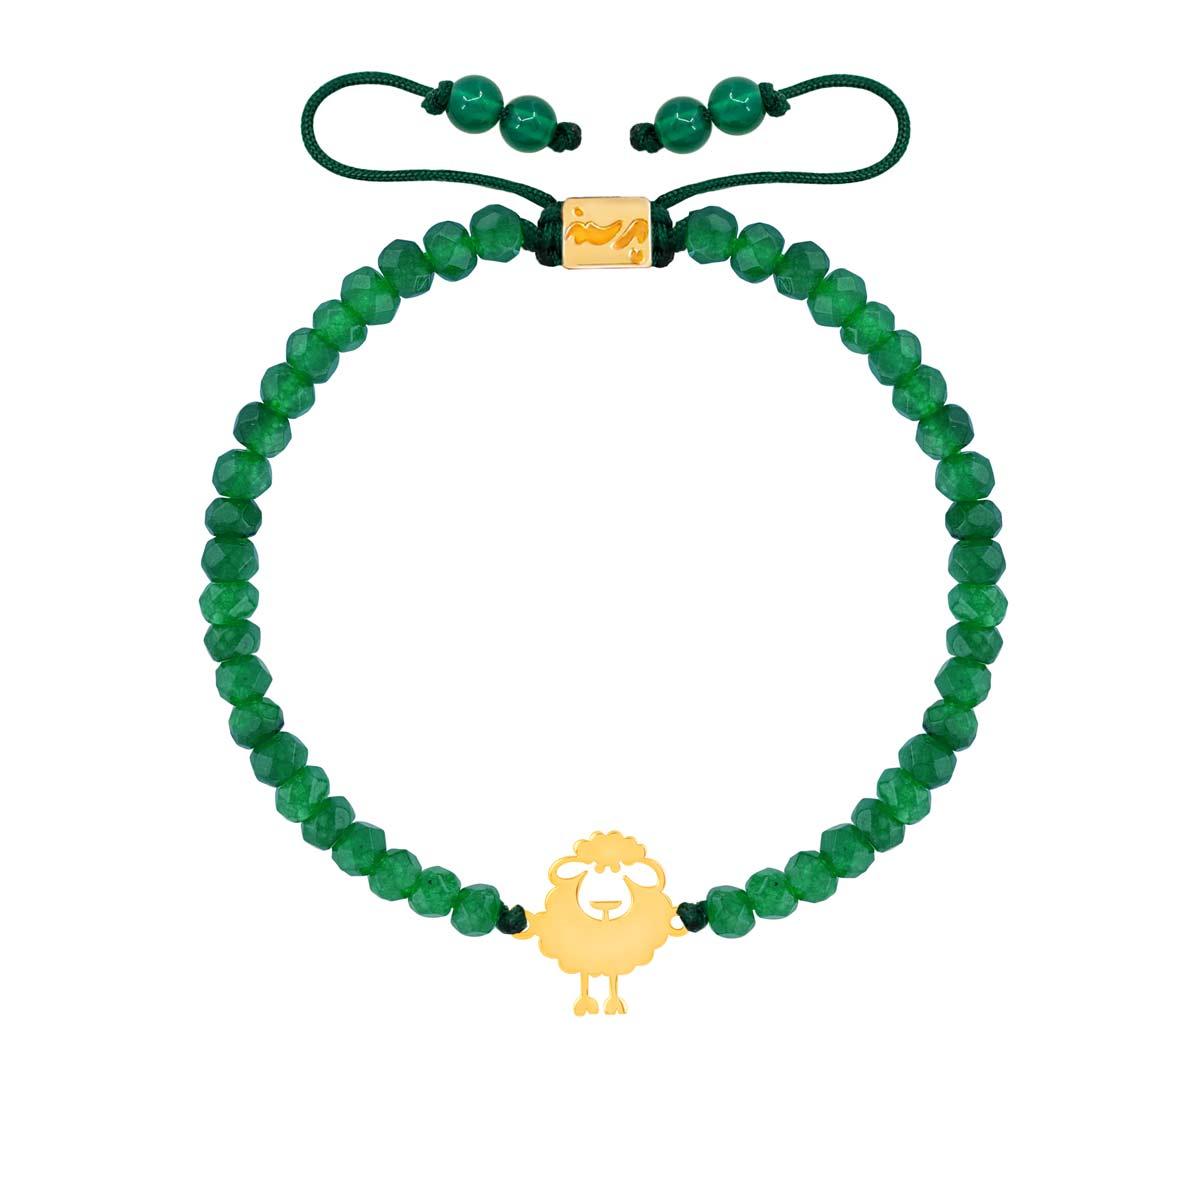 دستبند طلا سنگی بچه گانه ببعی و یشم